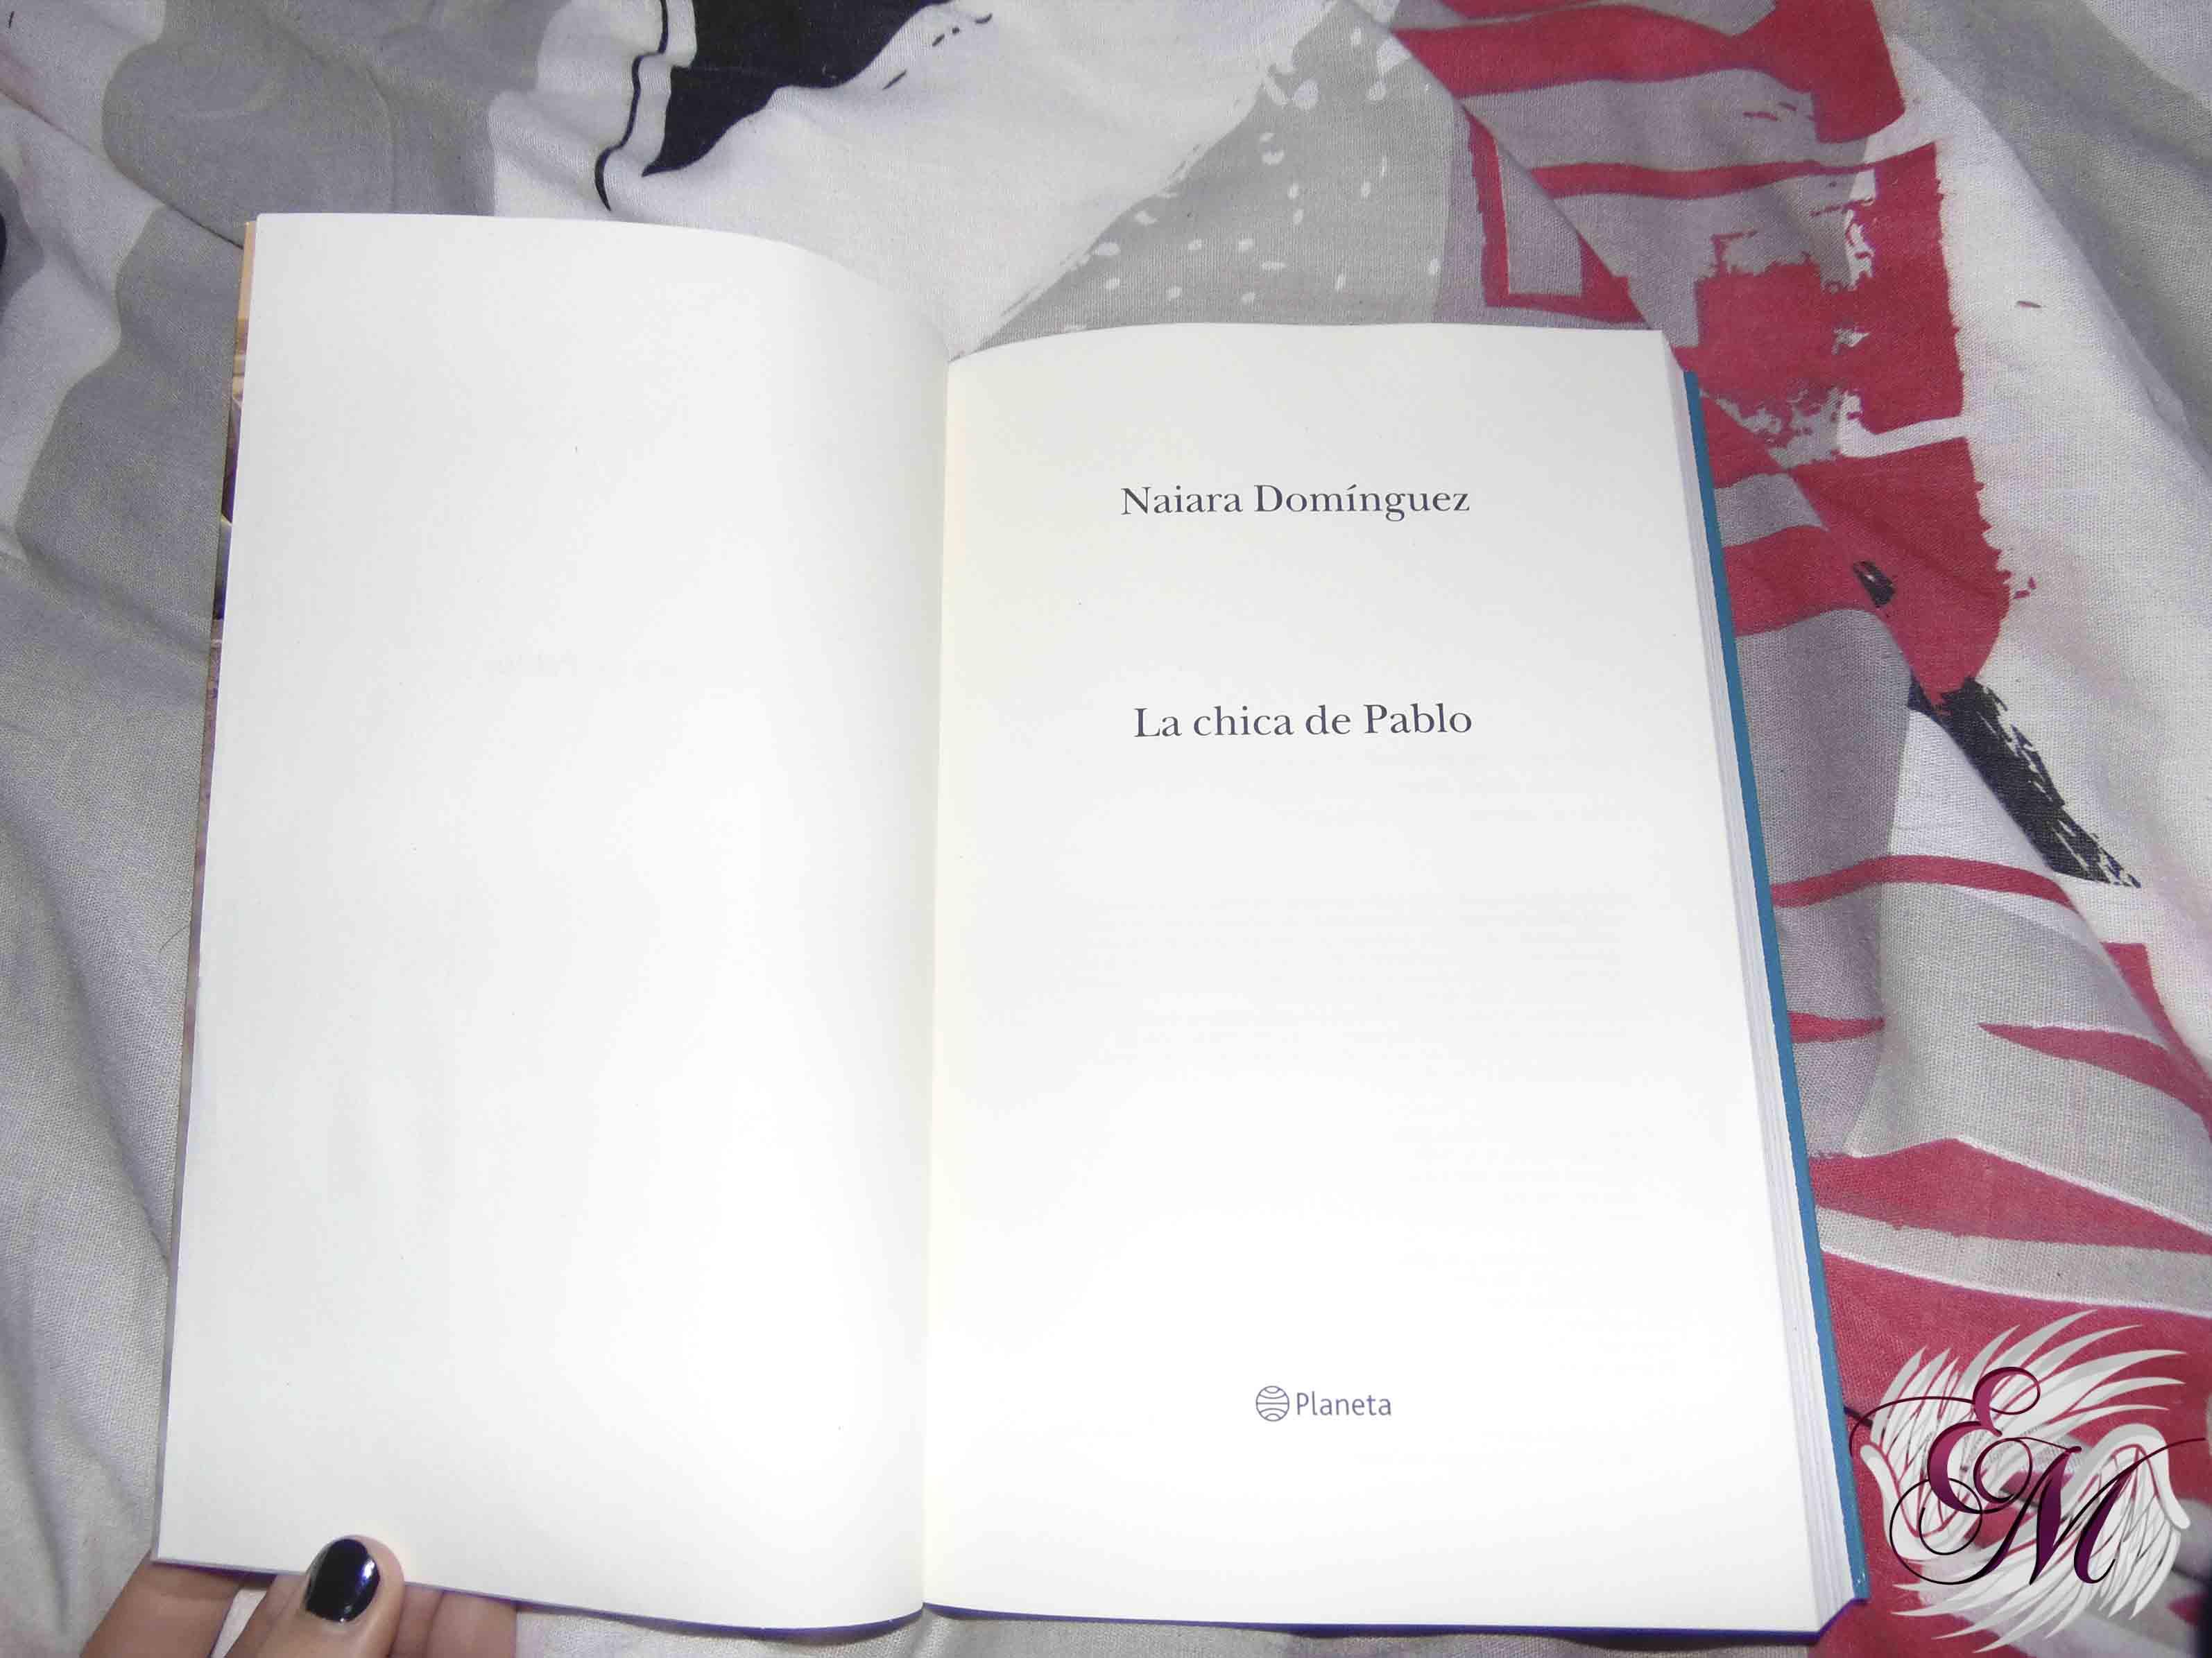 La chica de Pablo, de Naiara Dominguez - Reseña